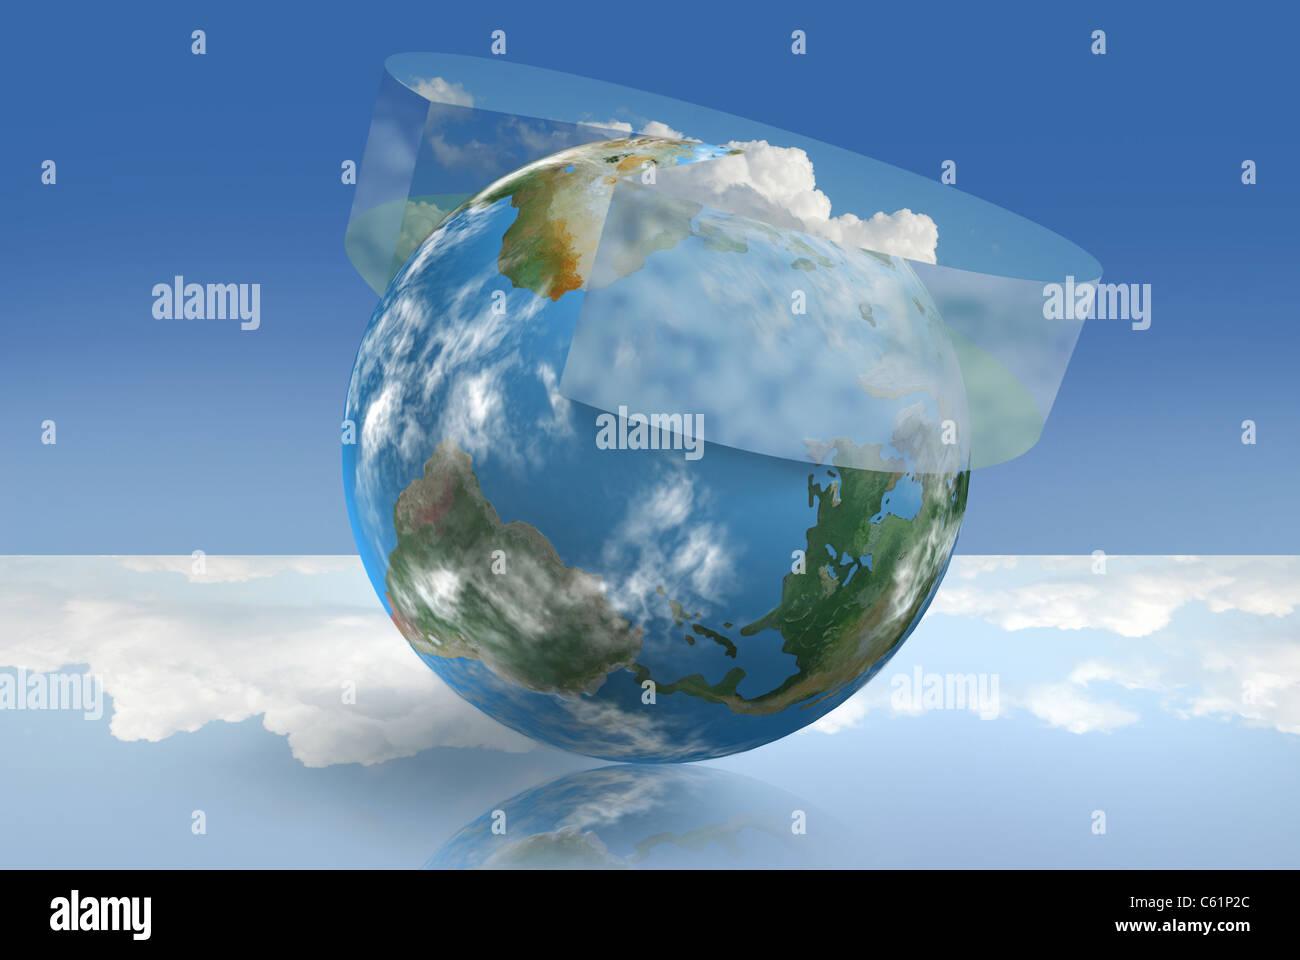 La technologie de contrôle climatique illustré par un graphique à secteurs atmosphériques Photo Stock